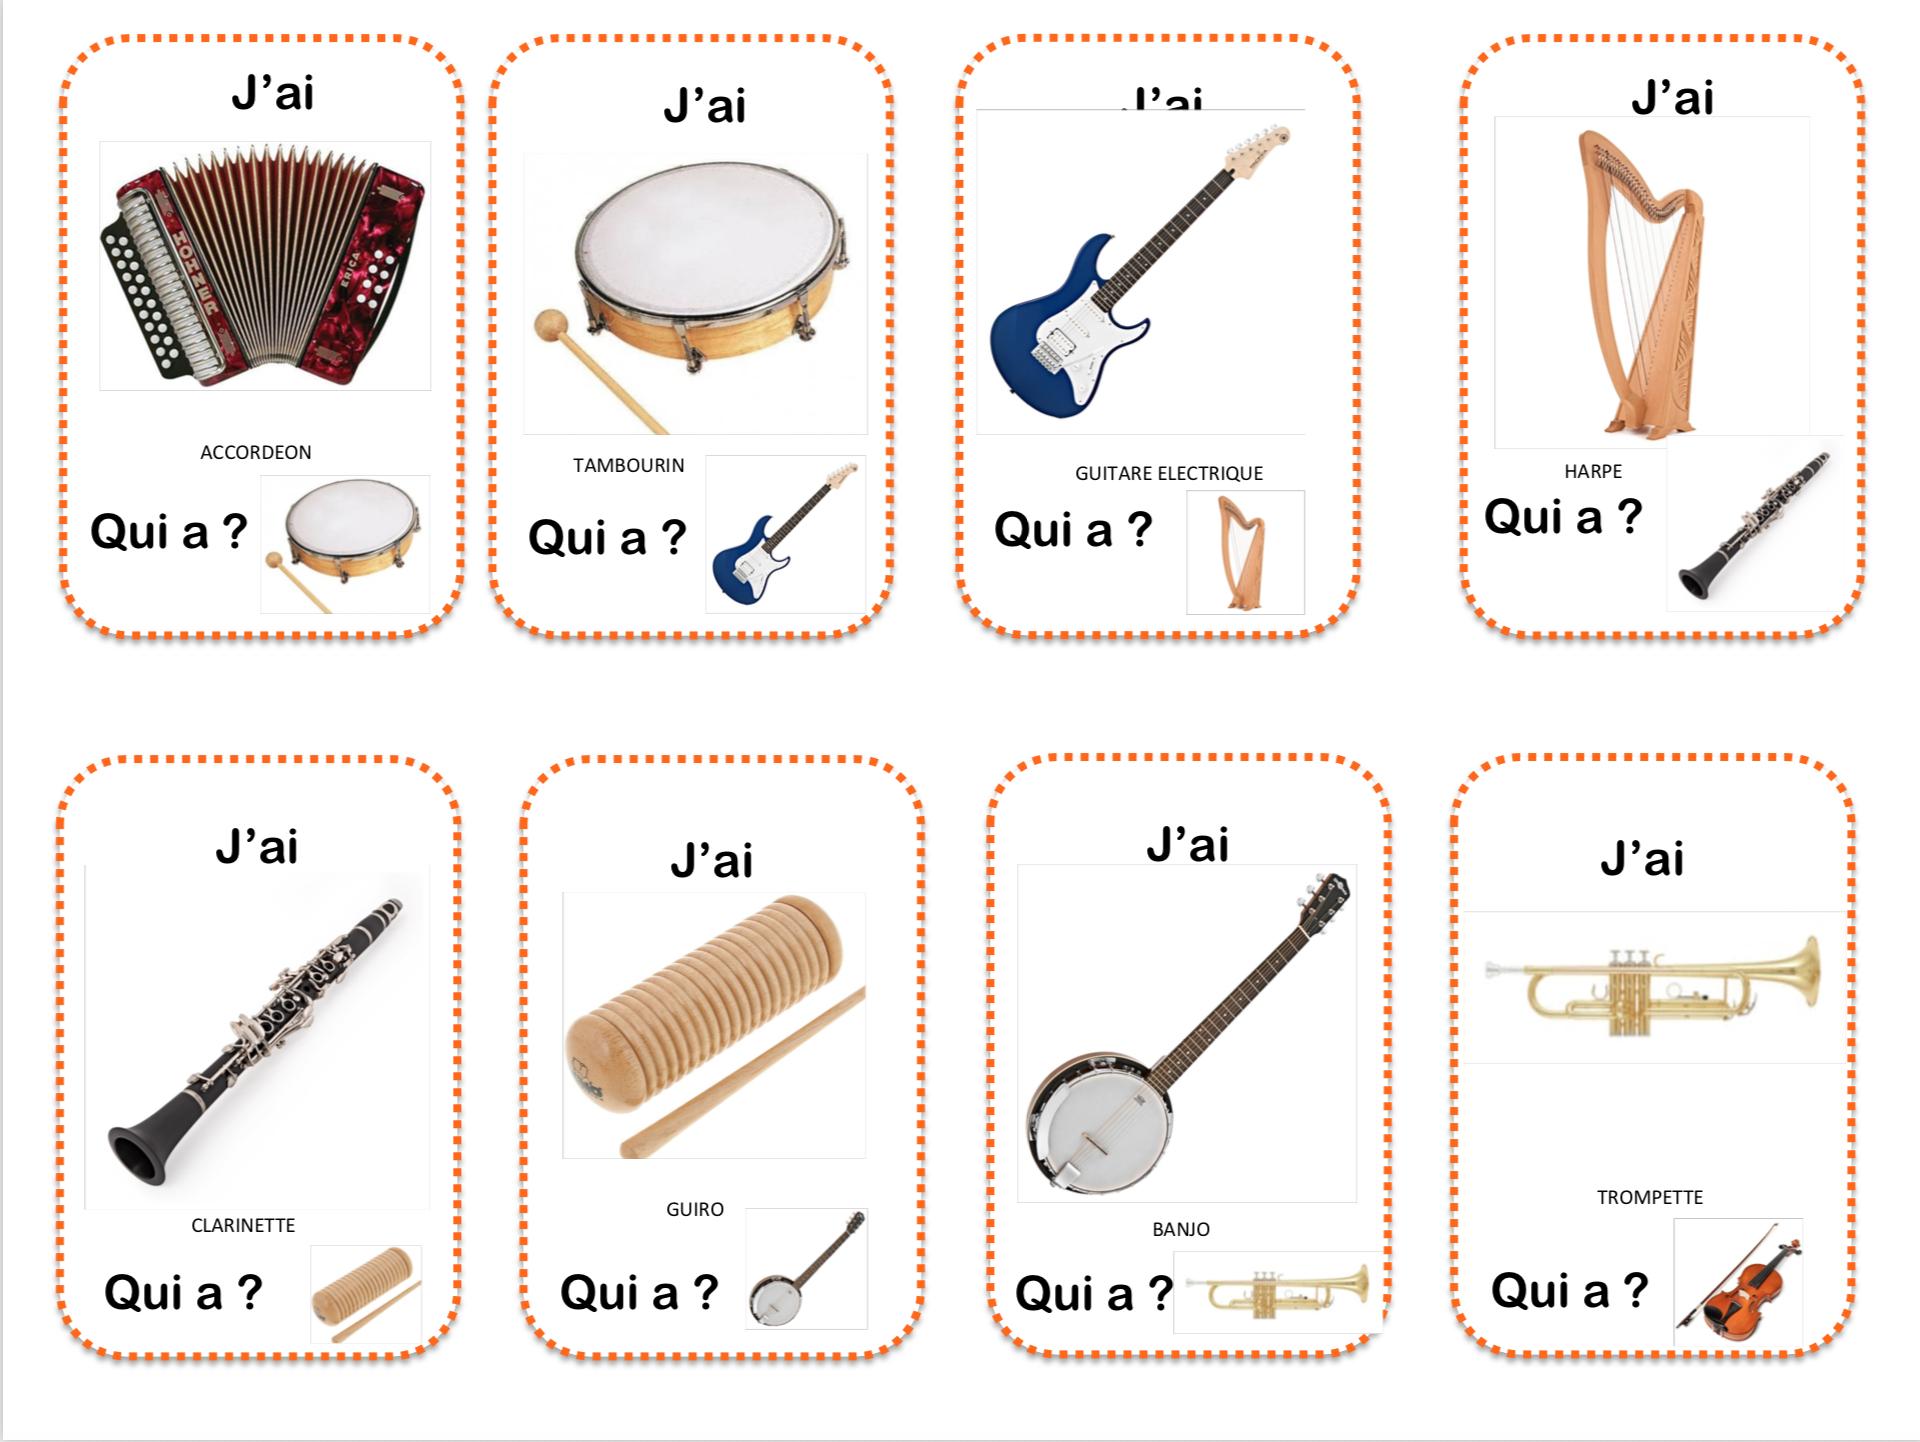 Les Instruments De Musique - La Maternelle De Vivi intérieur Jeu D Instruments